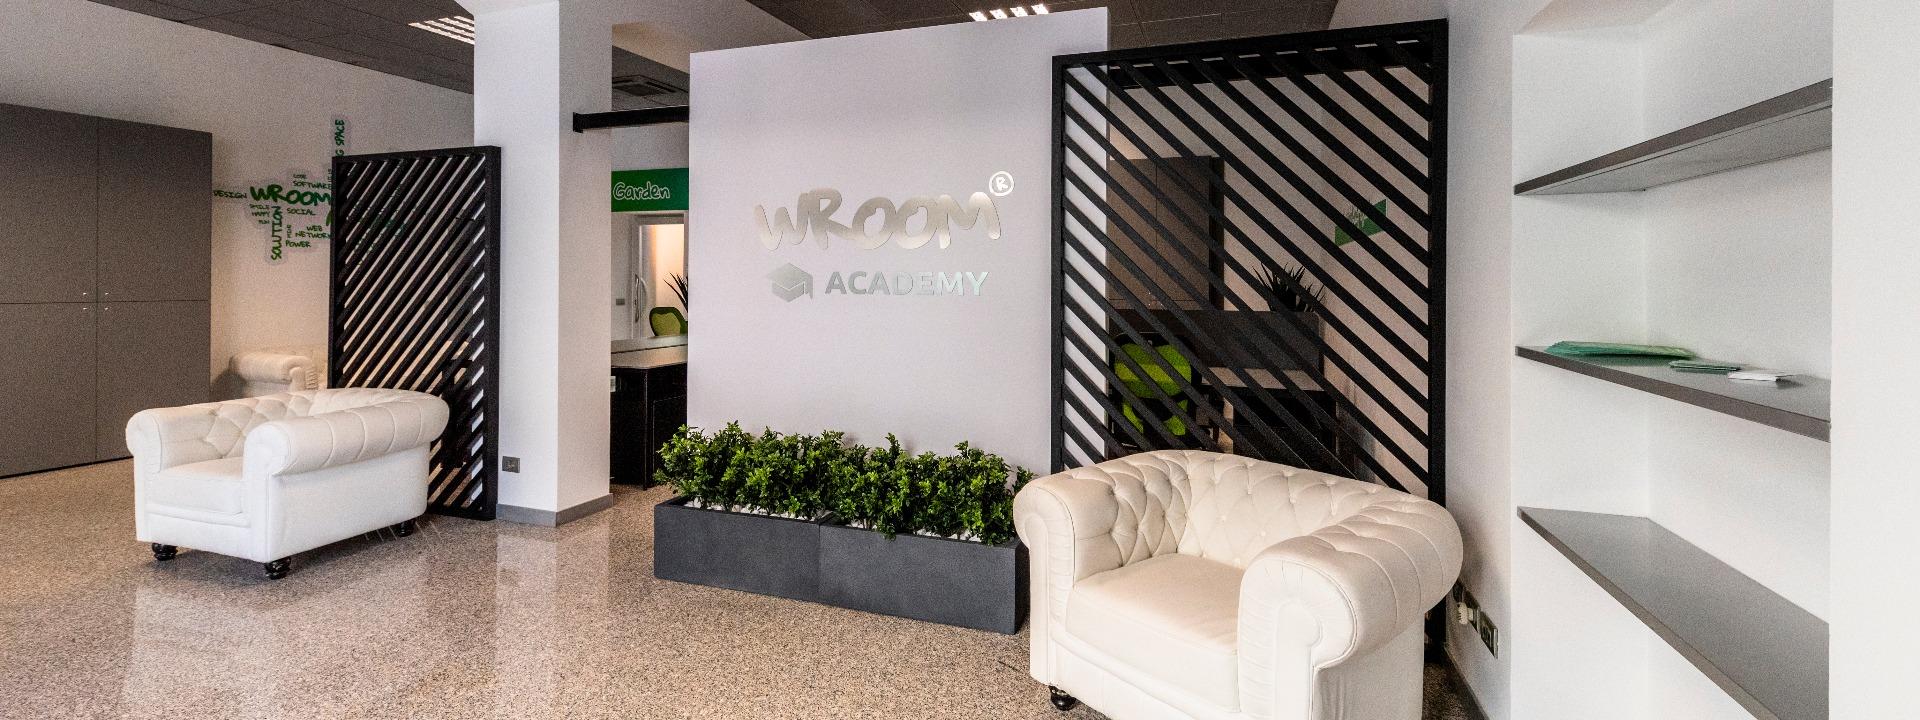 Strategie di comunicazione e digital marketing: Wroom Academy: un ambiente dove condividere esperienze, progetti, innovazione e formazione verso un futuro di sostenibilità.